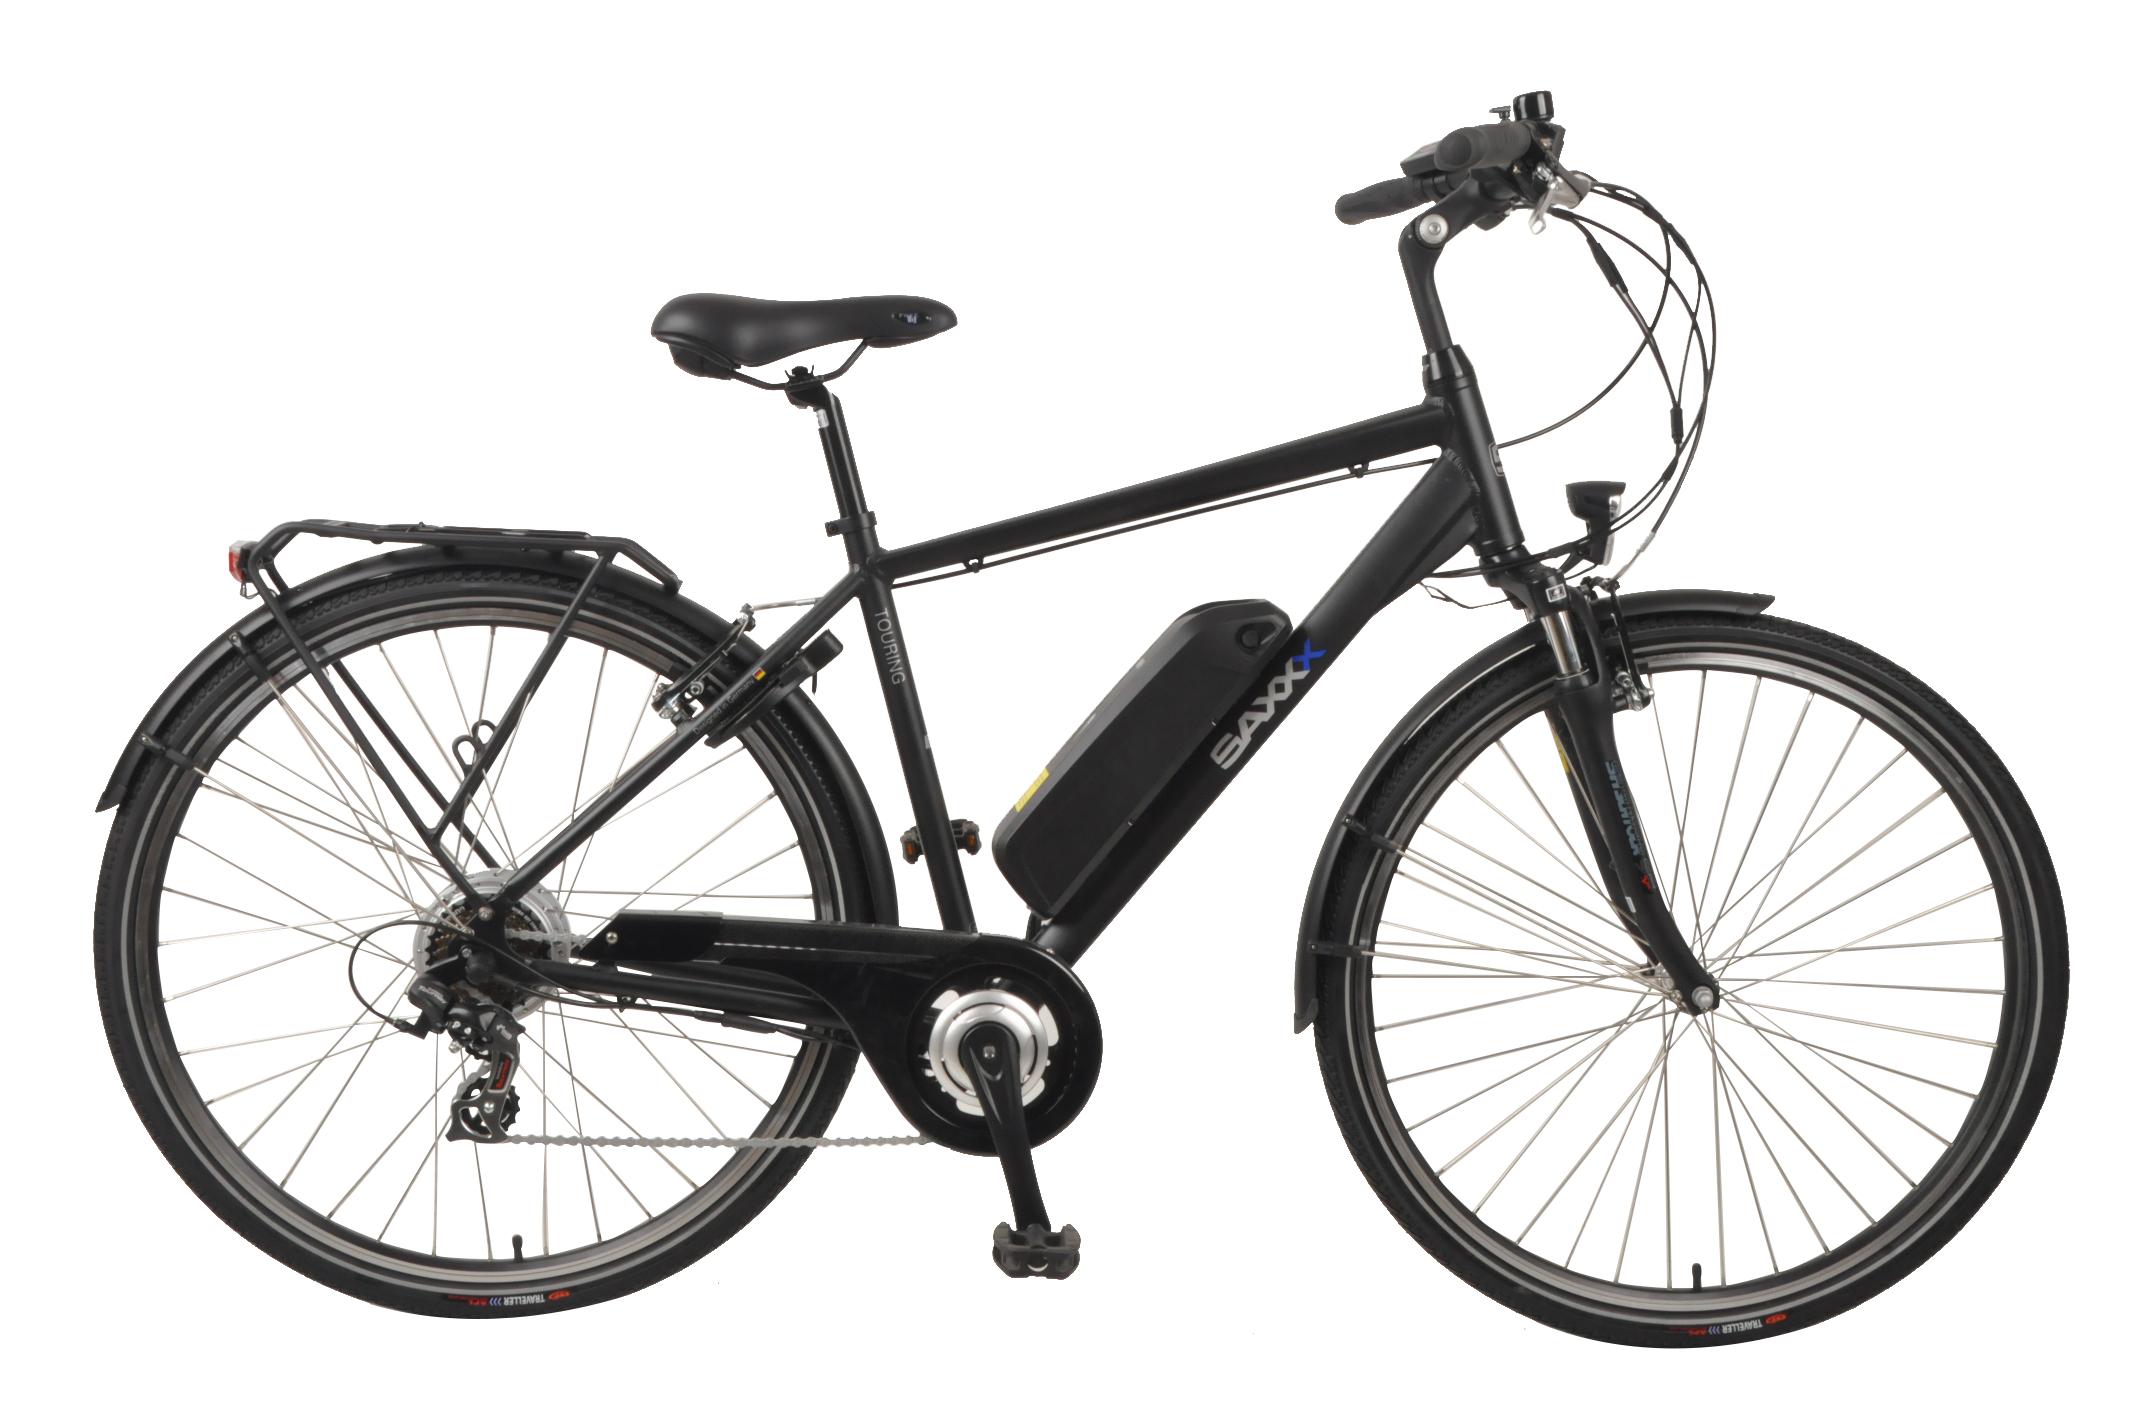 SAXXX Touring E-Bike schwarz matt für unschlagbare 745,70€ inkl. Versand!